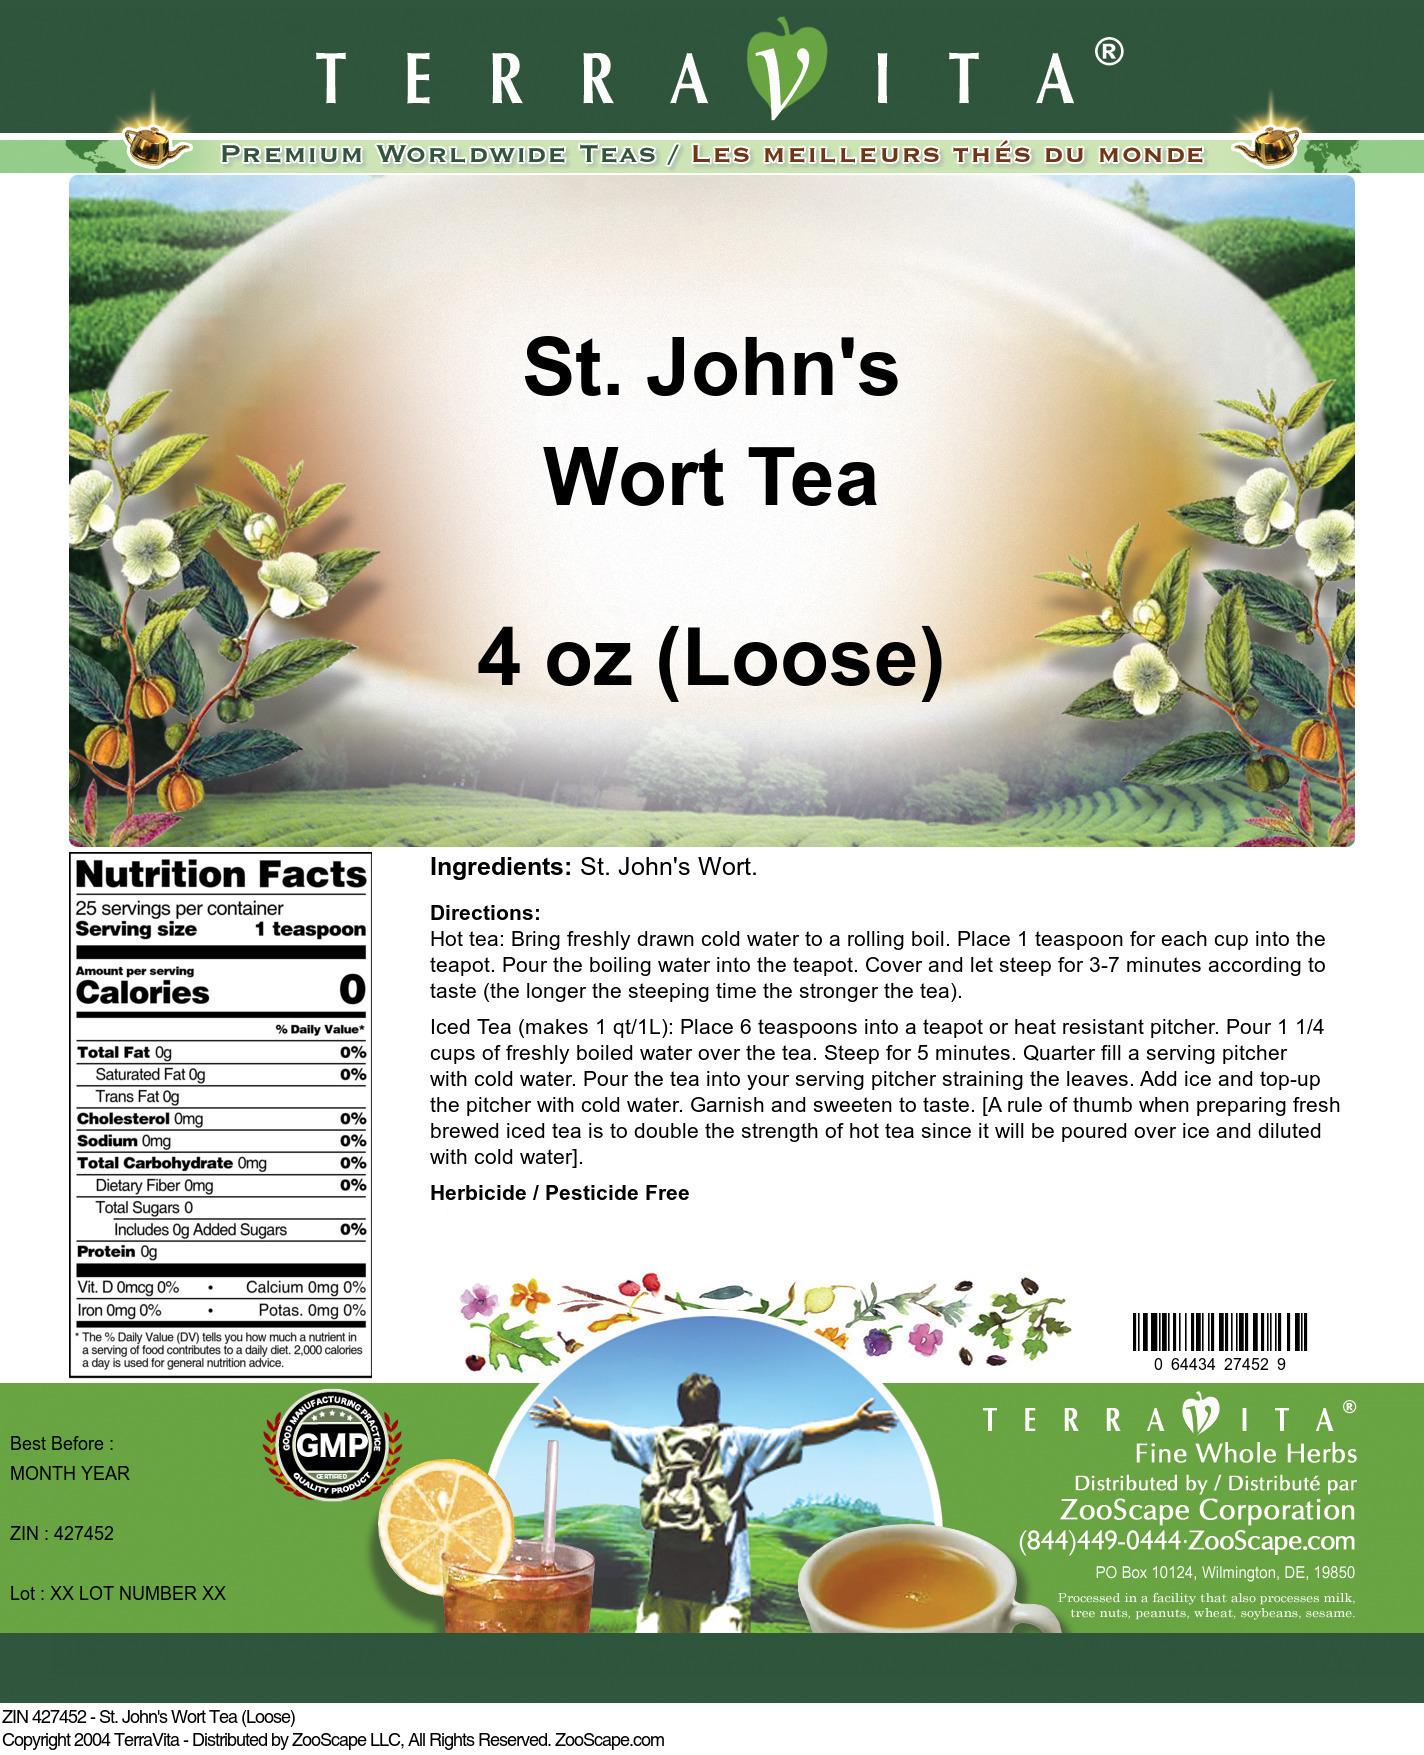 St. John's Wort Tea (Loose)